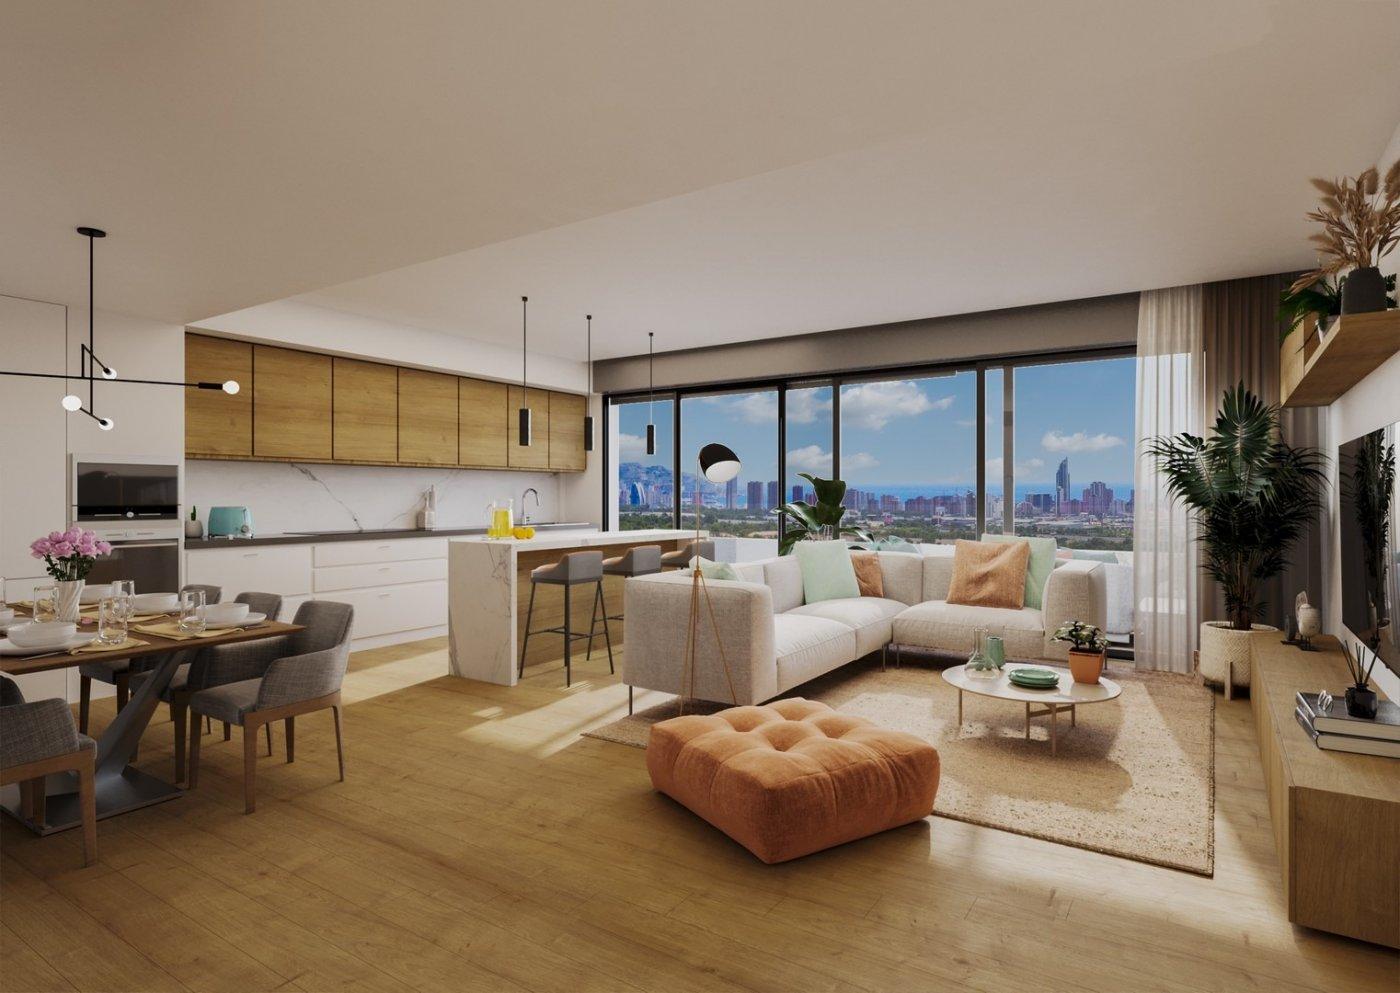 Nuevo complejo residencial en finestrat con vistas al mar!!! - imagenInmueble5